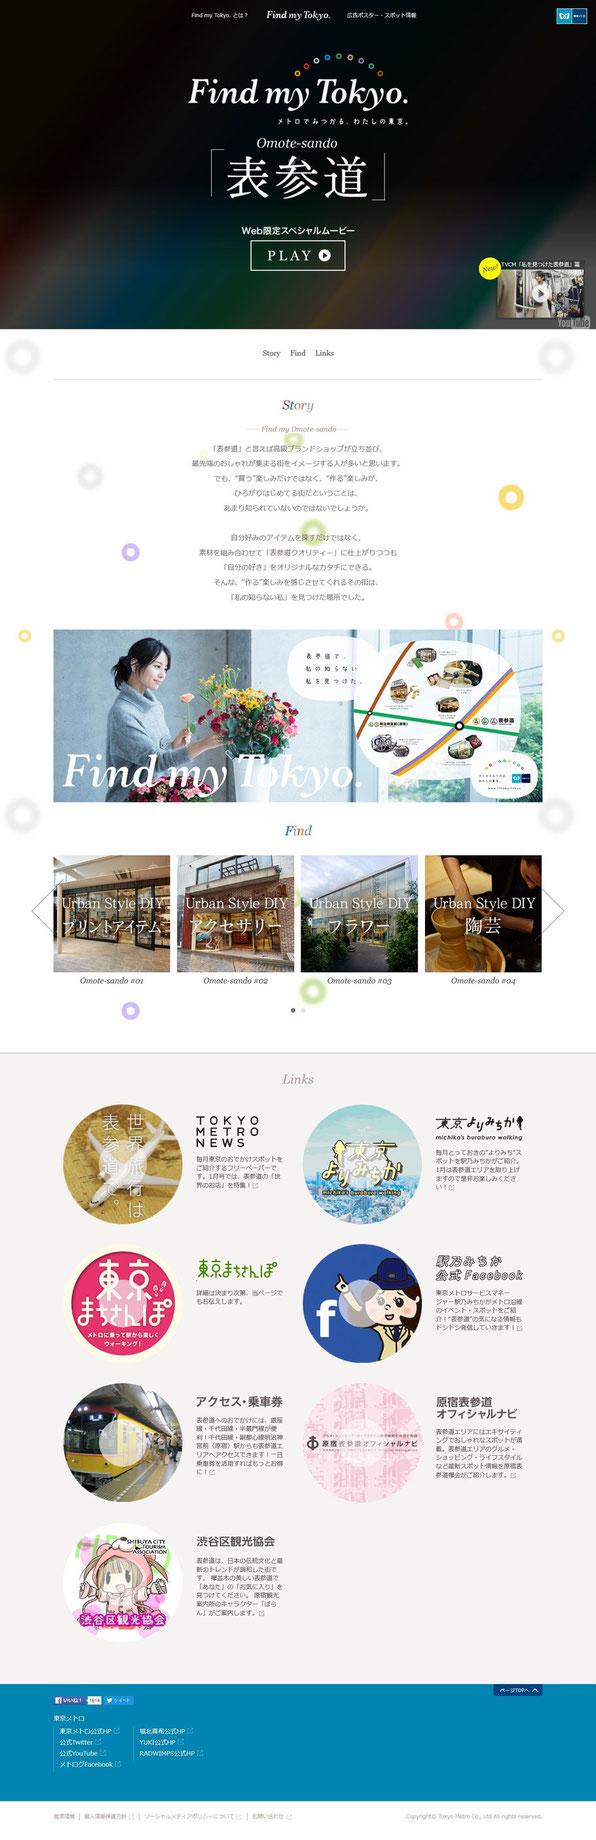 【東京メトロ】Find my Tokyo. メトロでみつかる、わたしの東京。